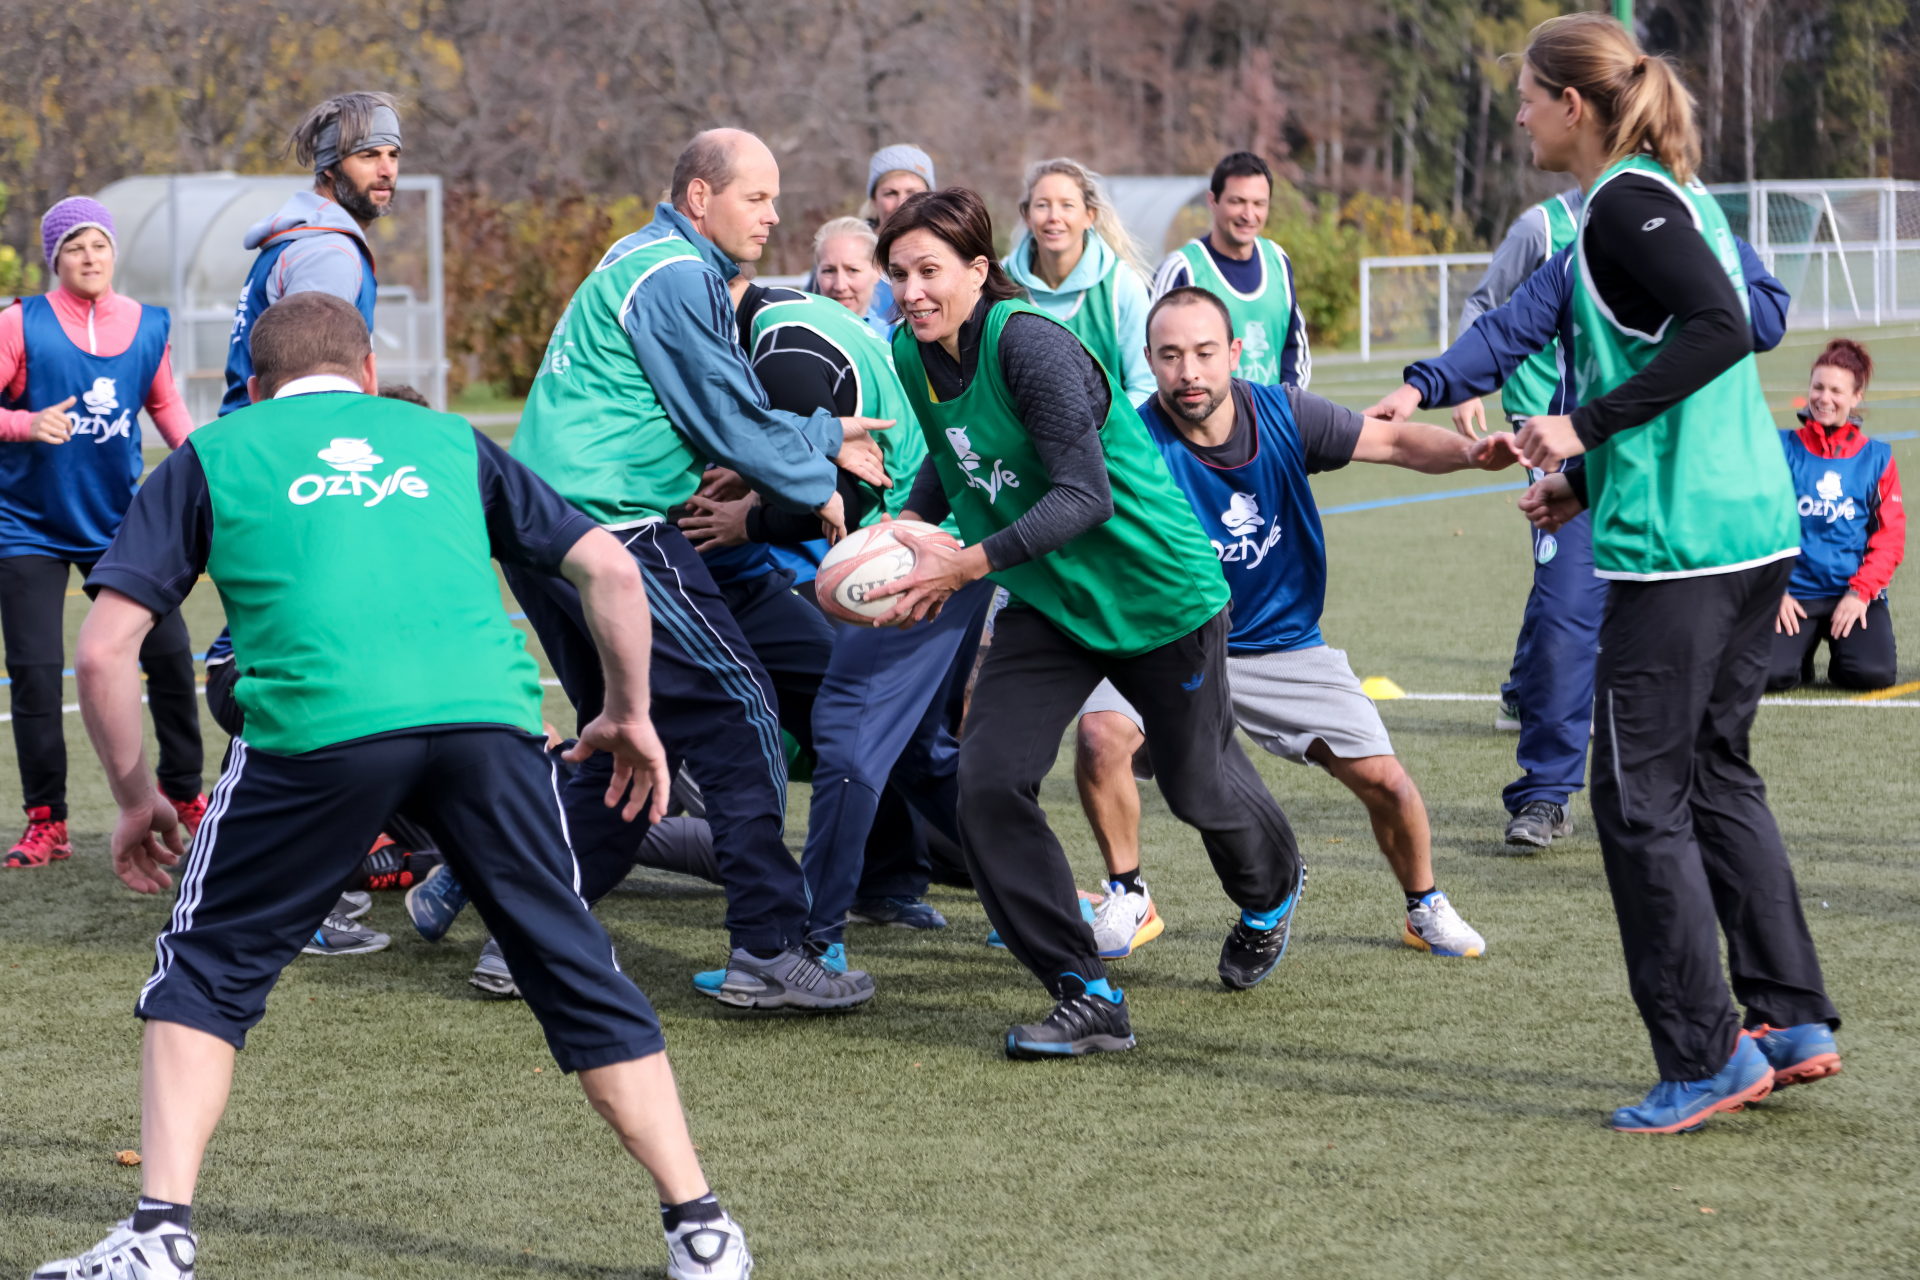 Foto: un gruppo di insegnanti gioca a rugby su un campo di calcio